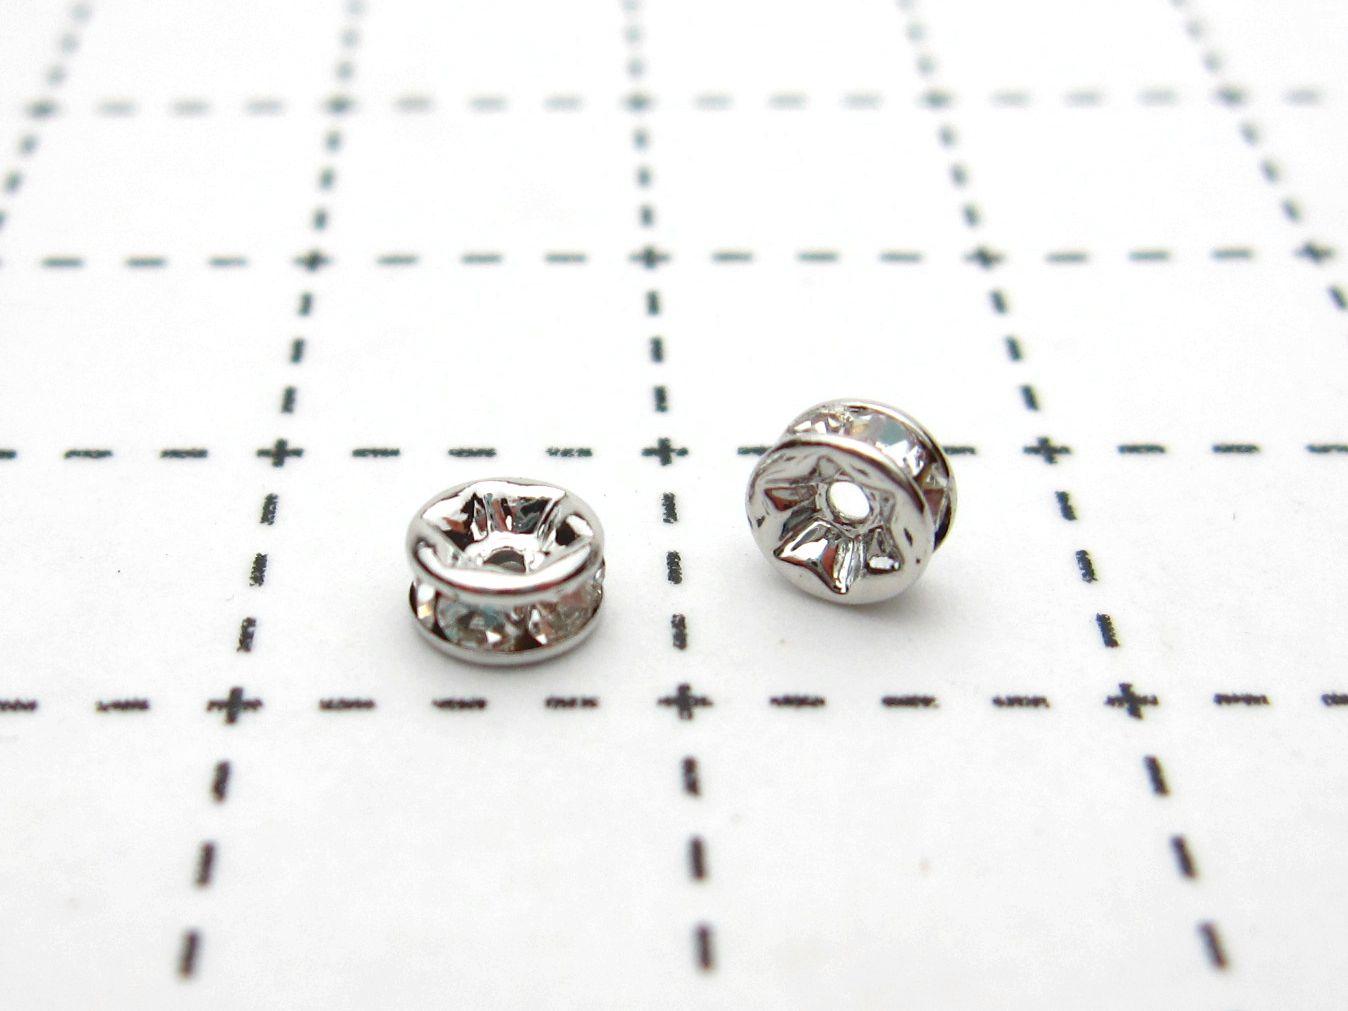 ロンデル パーツ 副資材 ハンドメイド 手づくり  パーツ ロンデル ロジウム4mm(クリスタル) 1ヶ売り 石の蔵